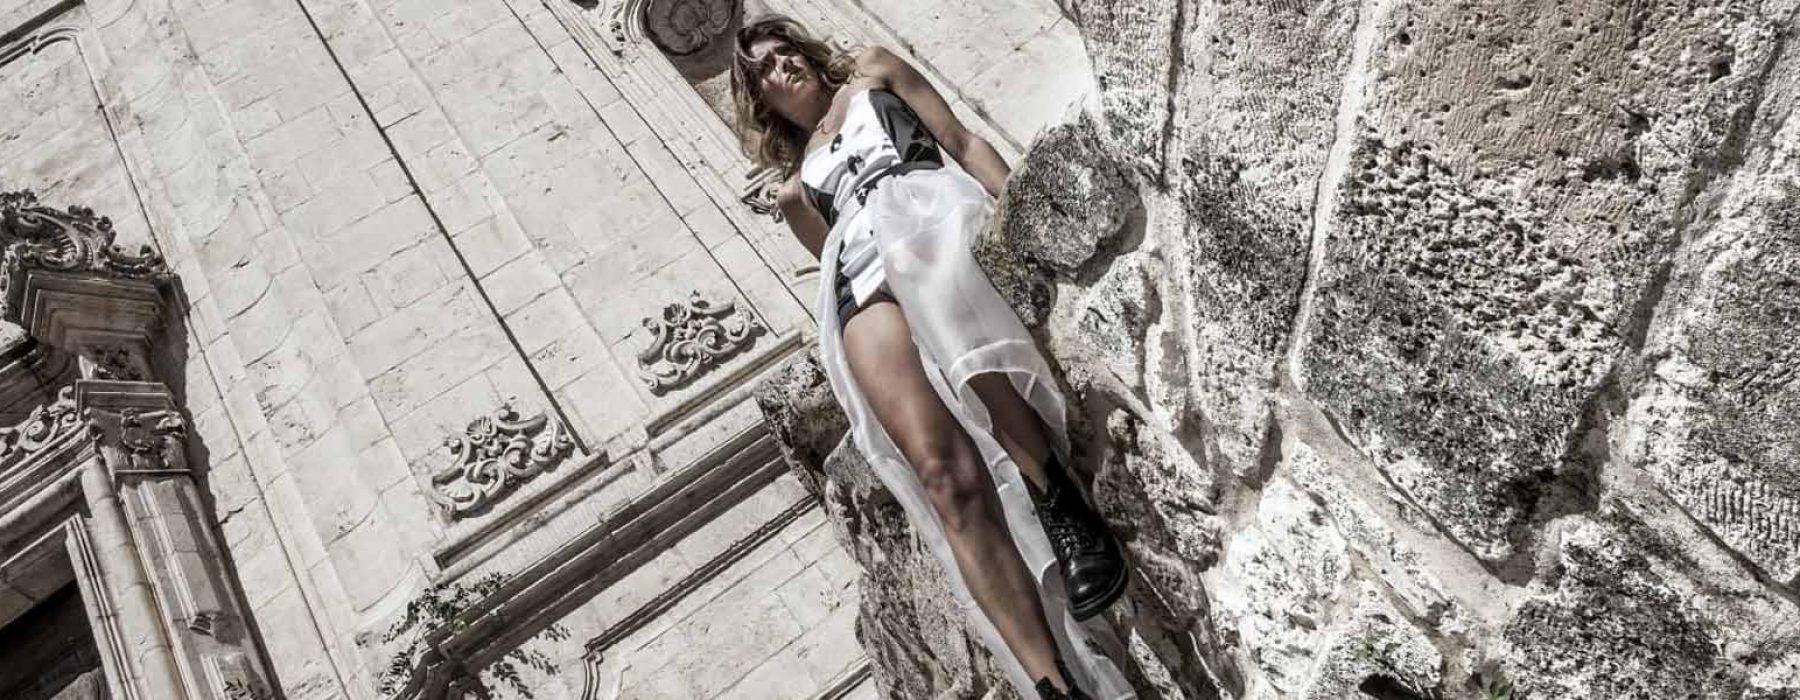 Francesca Fossati – Poesie in der Kunst, die jede Dame einzigartig macht